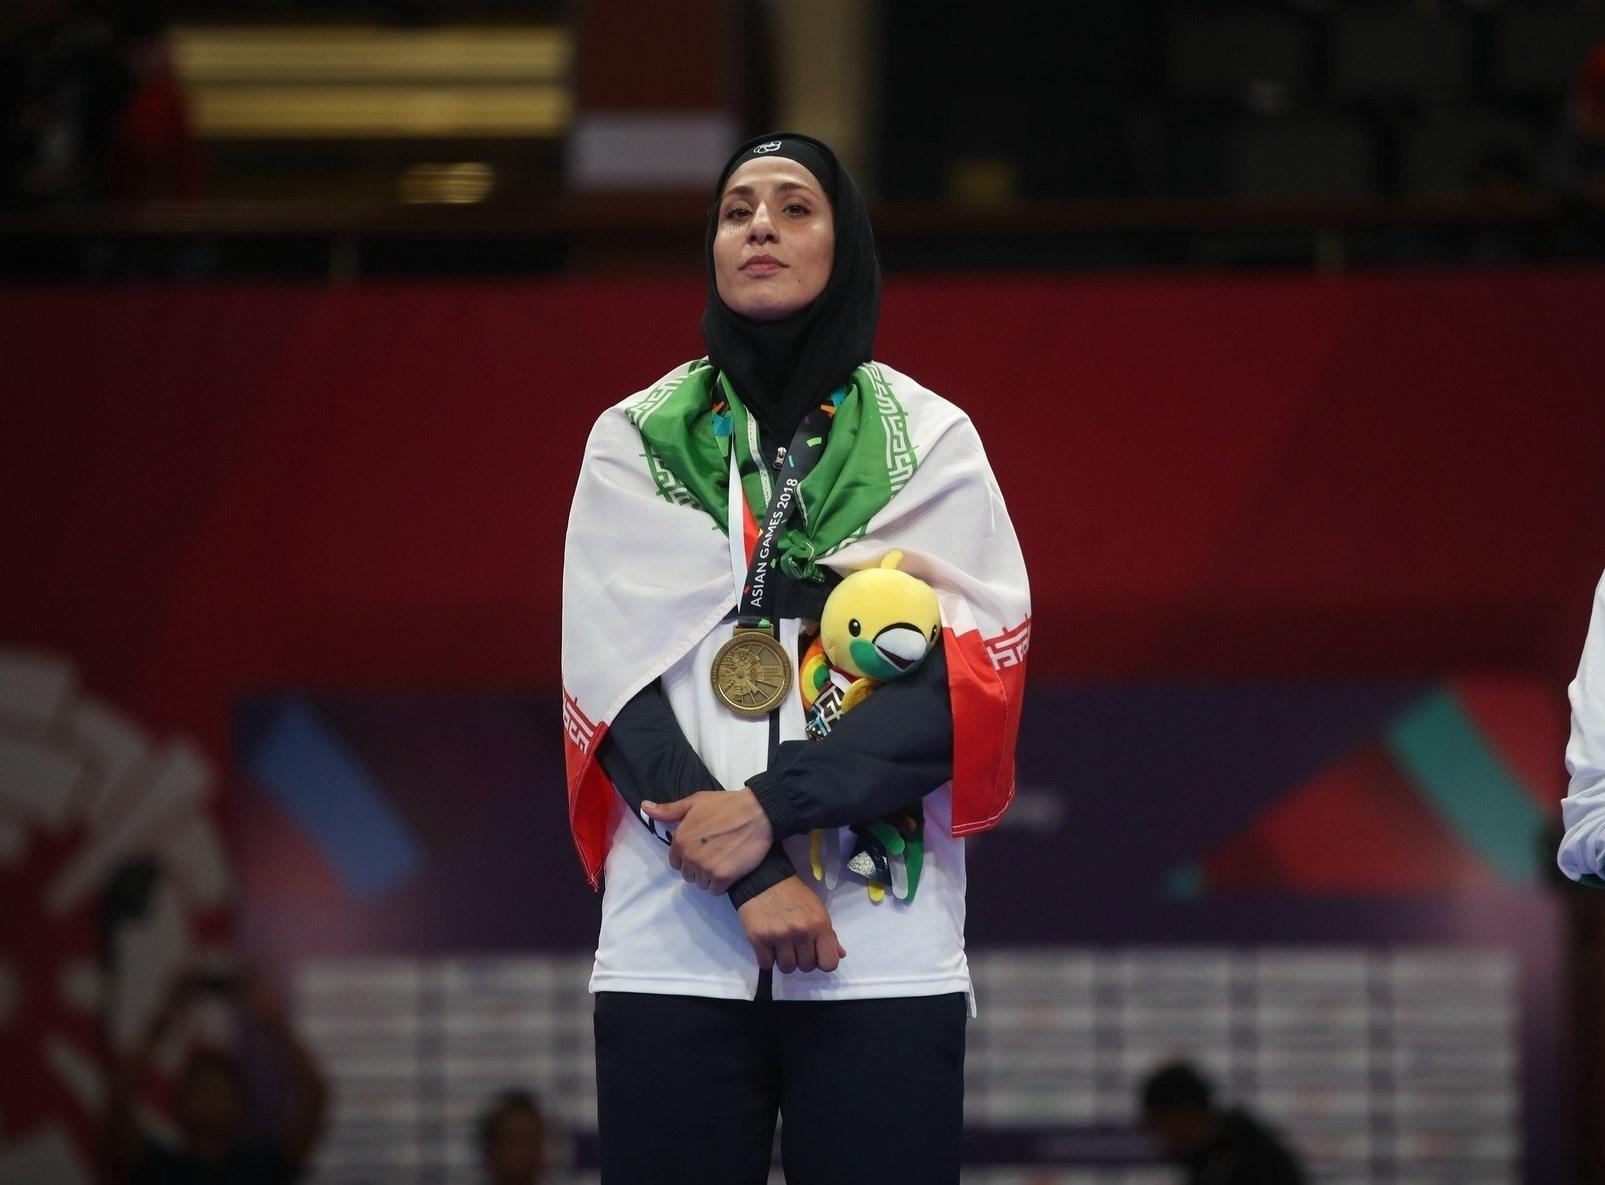 کاراته ایران , فدراسیون کاراته ایران , لیگ جهانی کاراته وان , کاراته , کاراته بانوان ایران ,